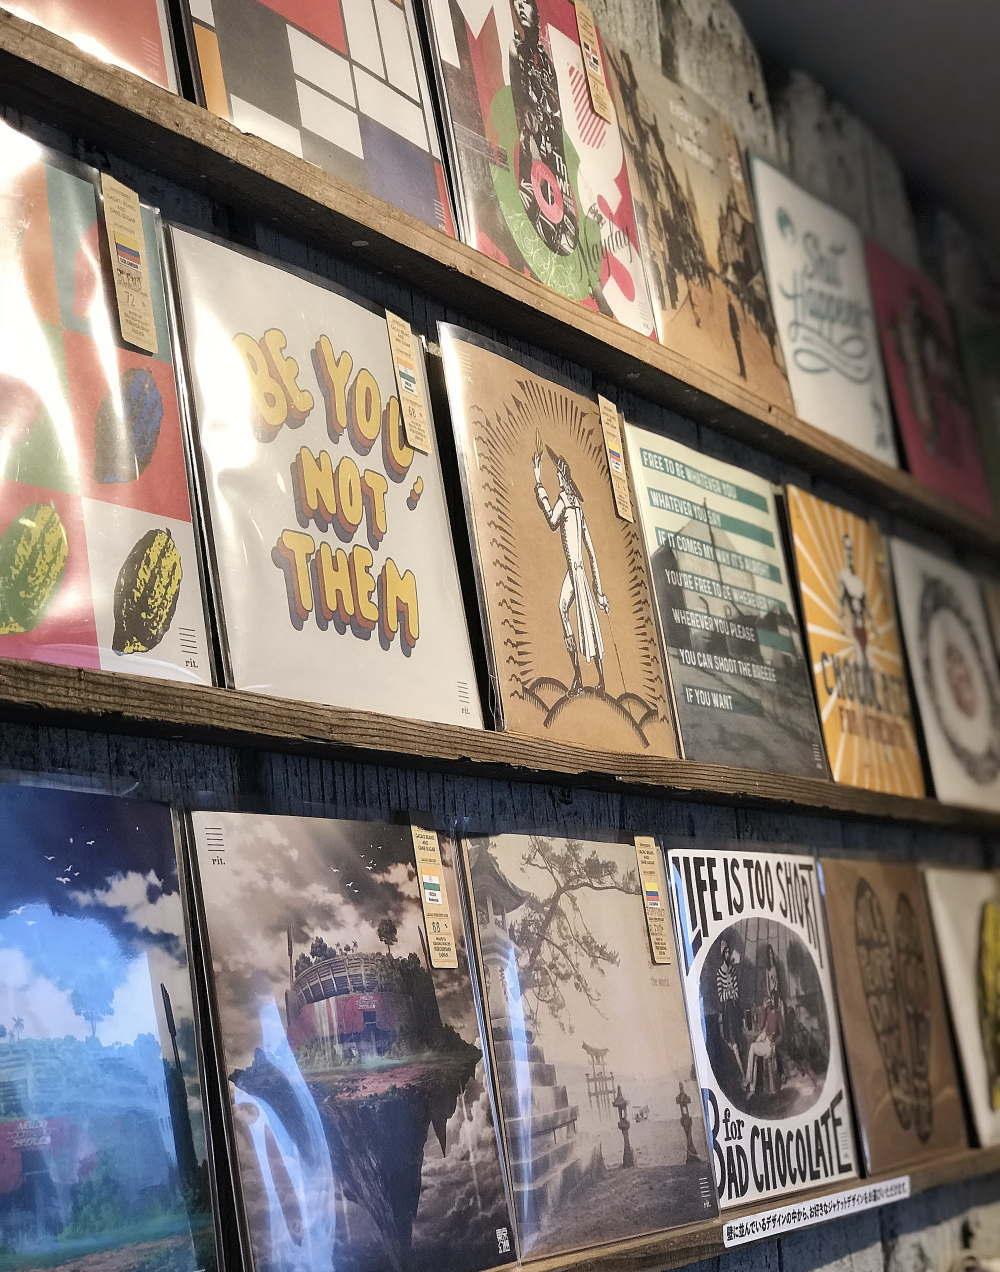 リタルダンド レコードチョコレート 店内展示